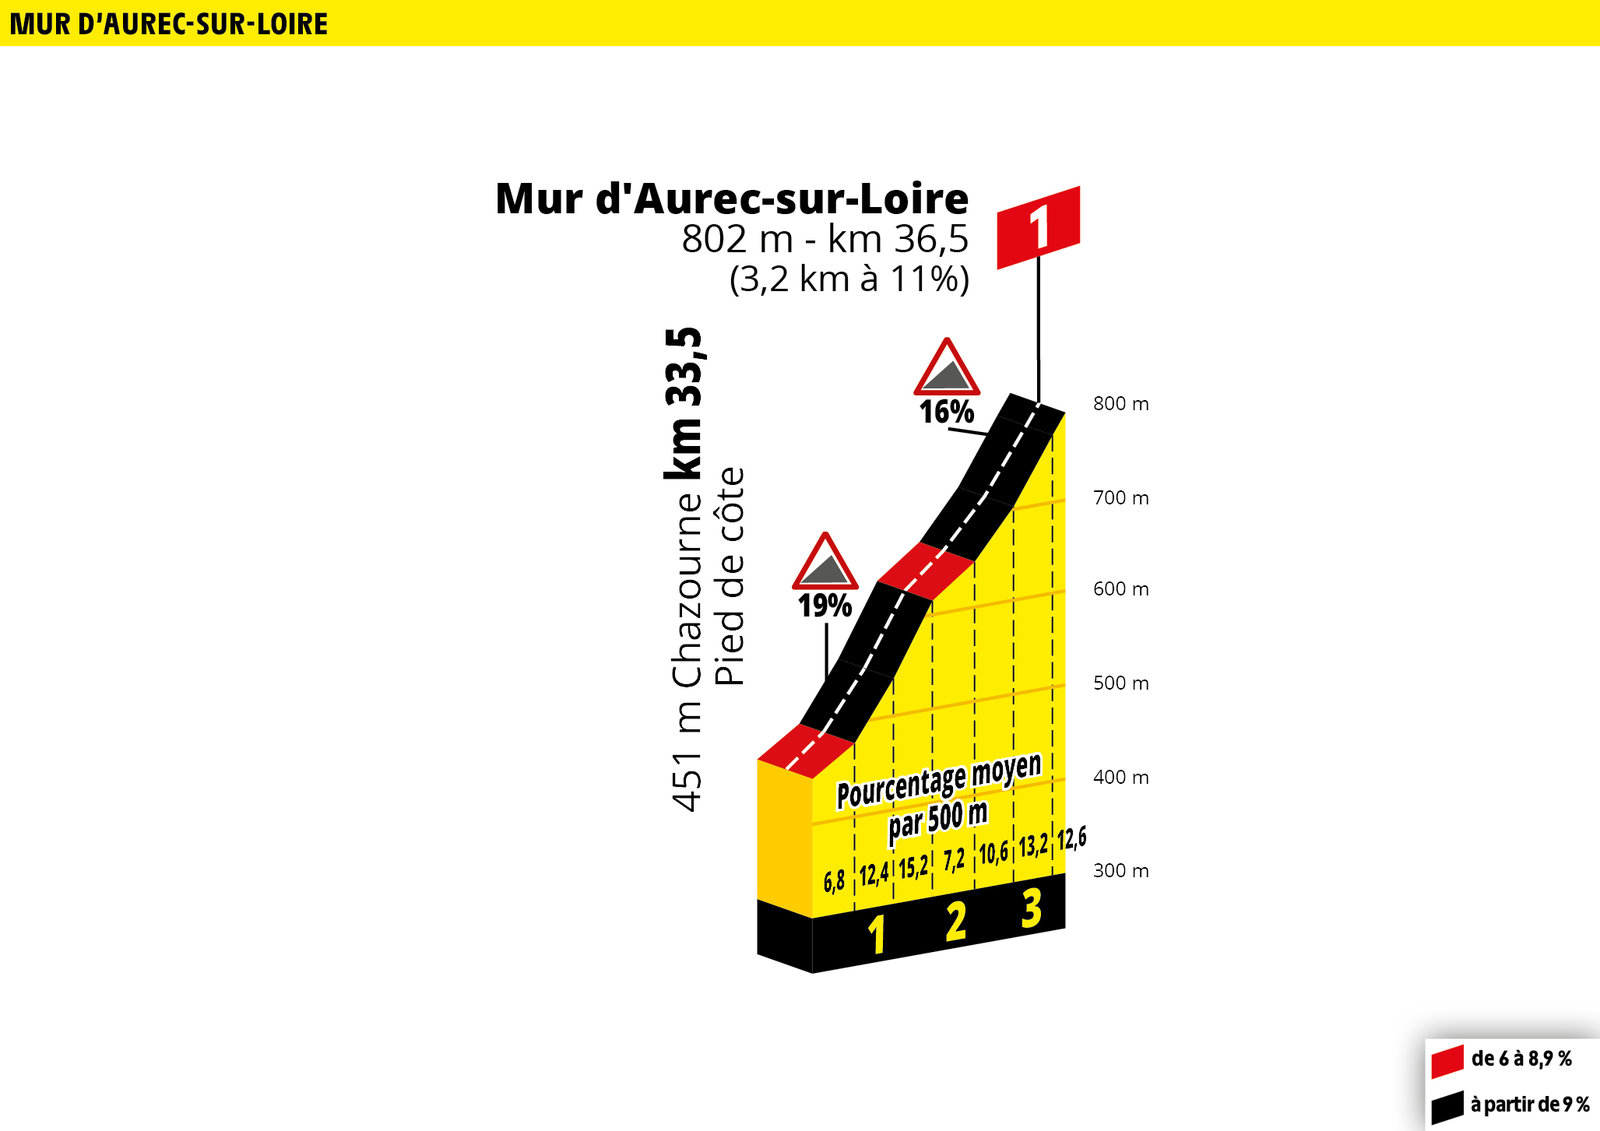 Tour de France 2019 190618032556195936